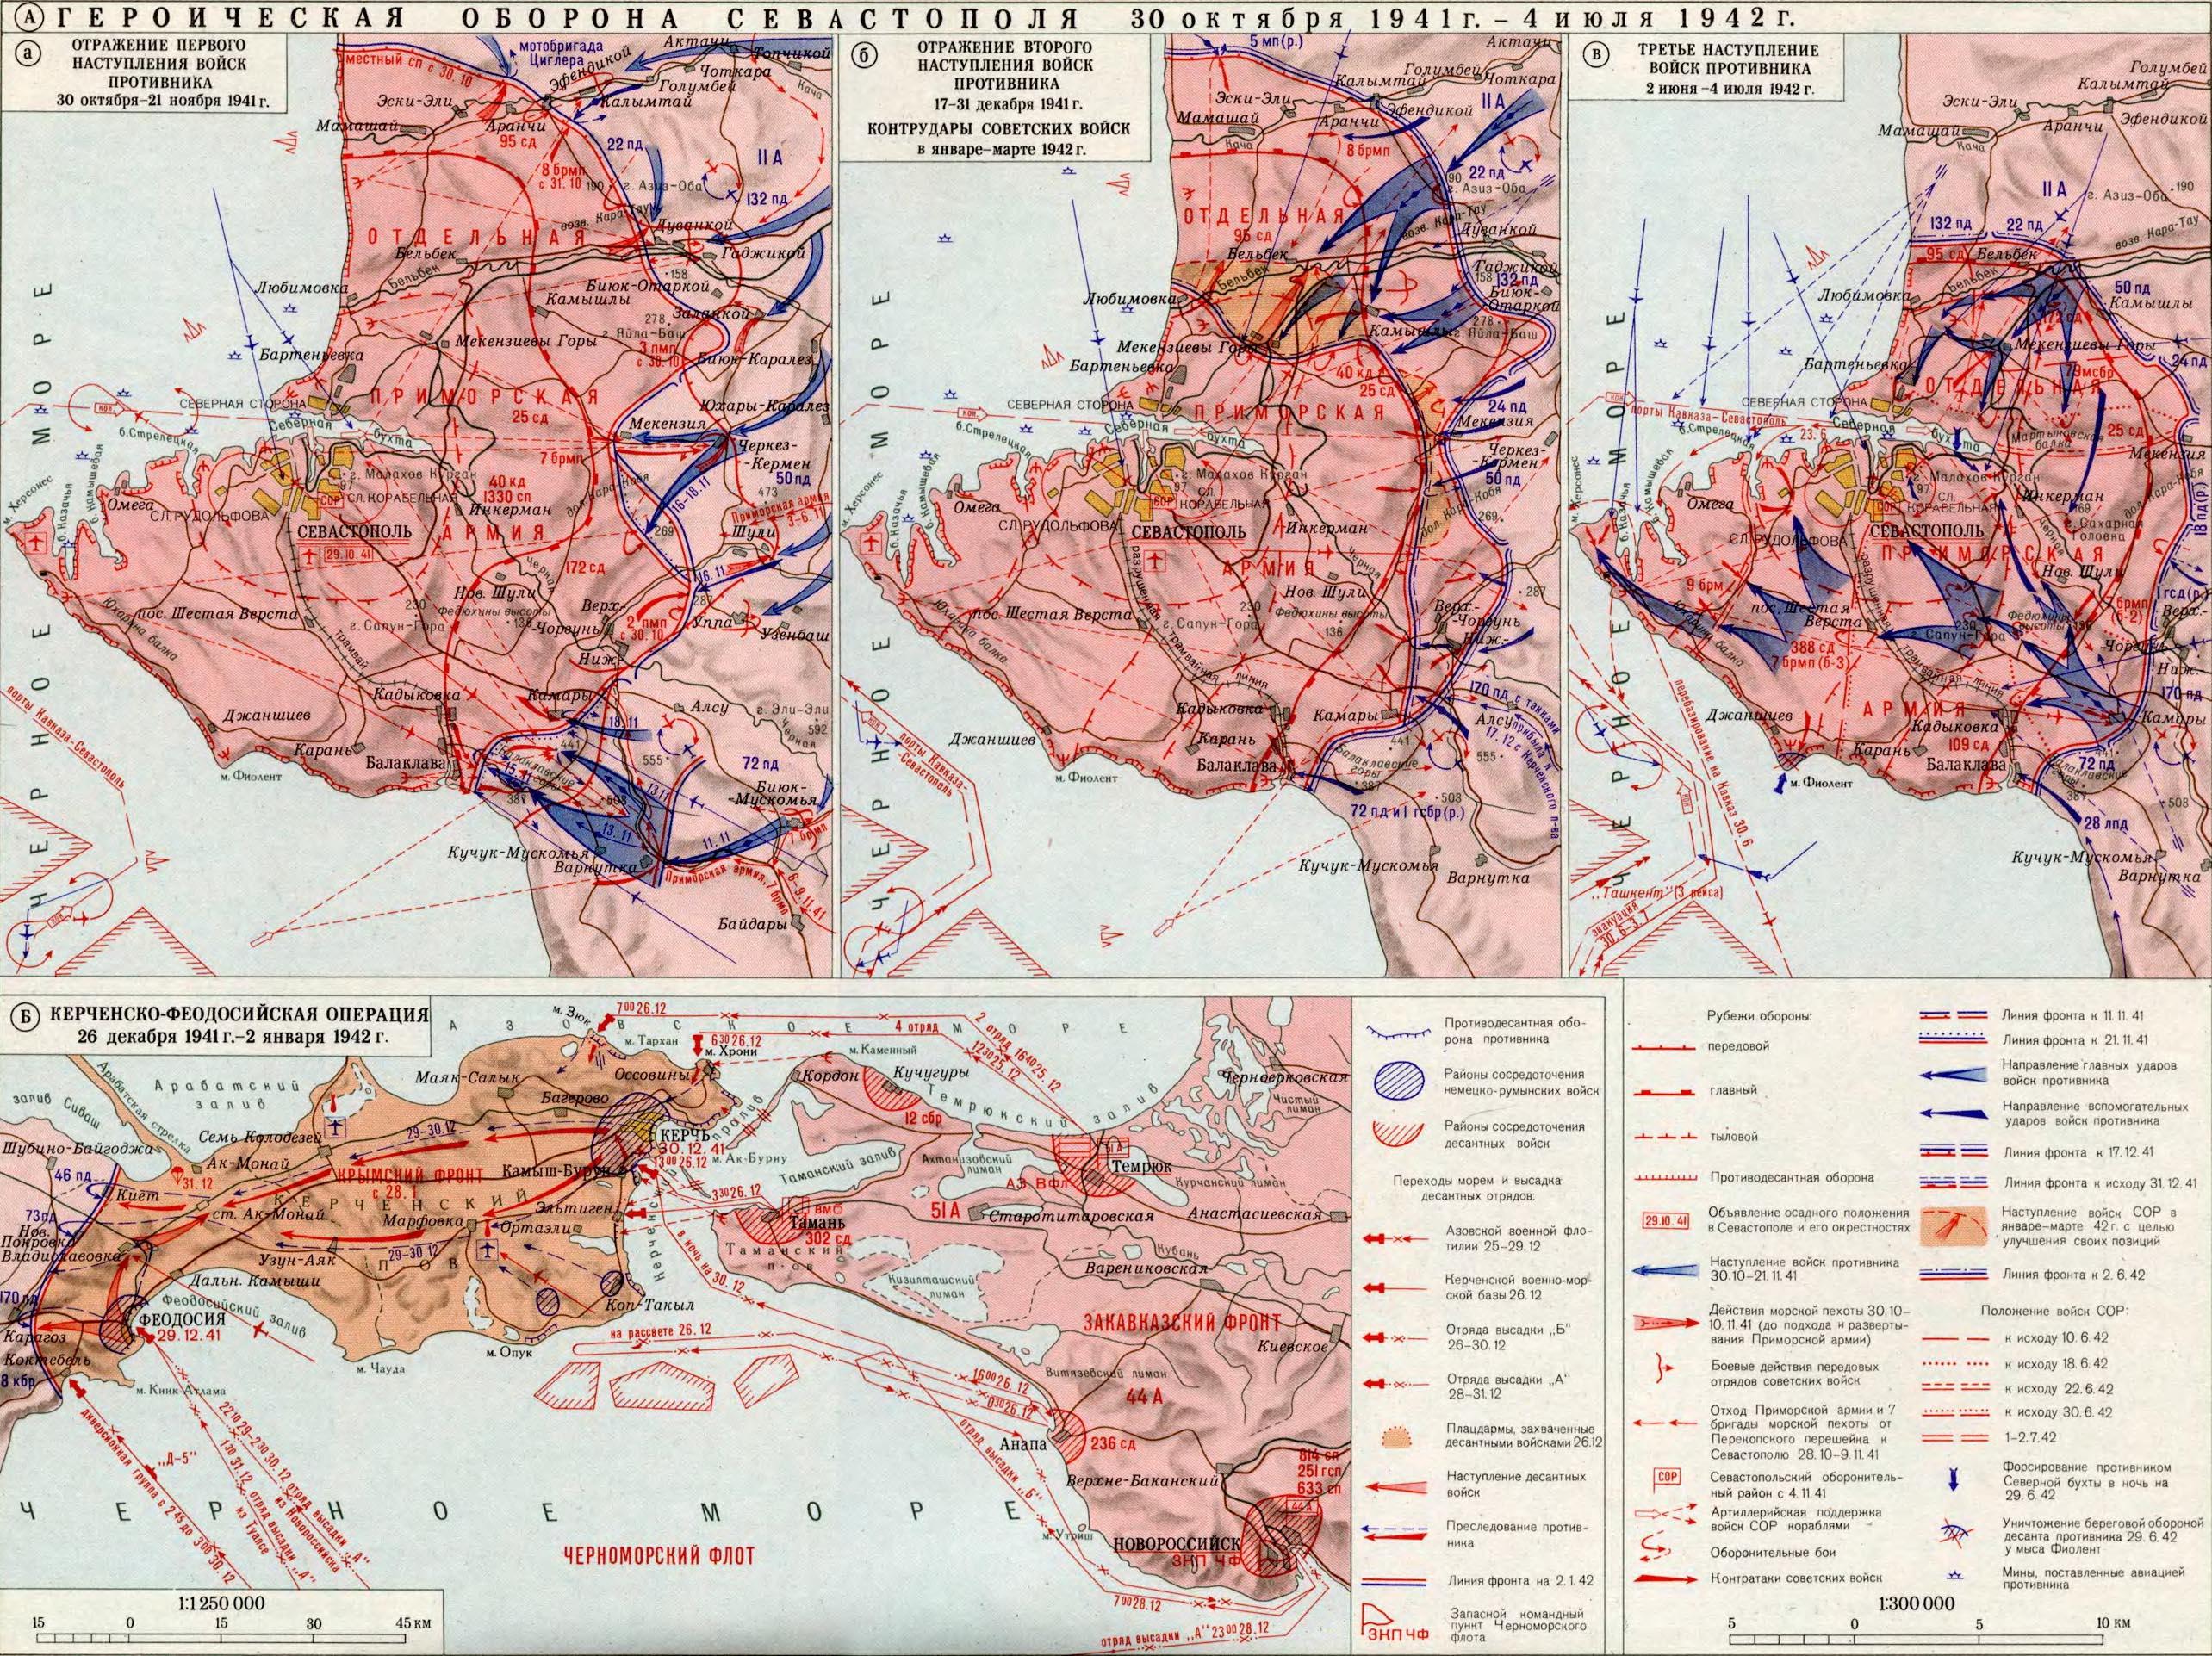 И прочие полезные карты и схемы